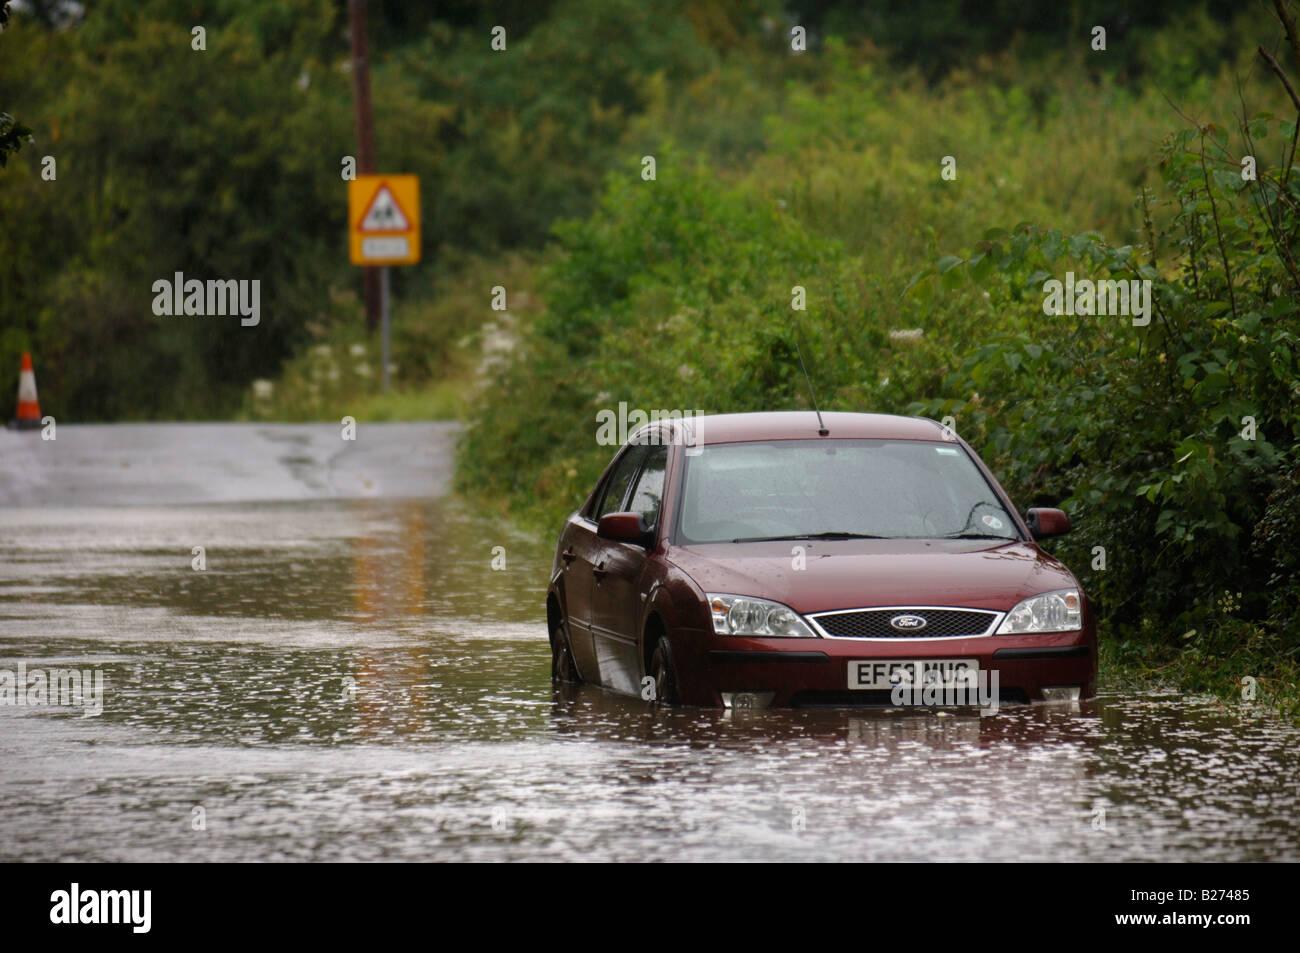 Tdci Stock Photos Amp Tdci Stock Images Alamy